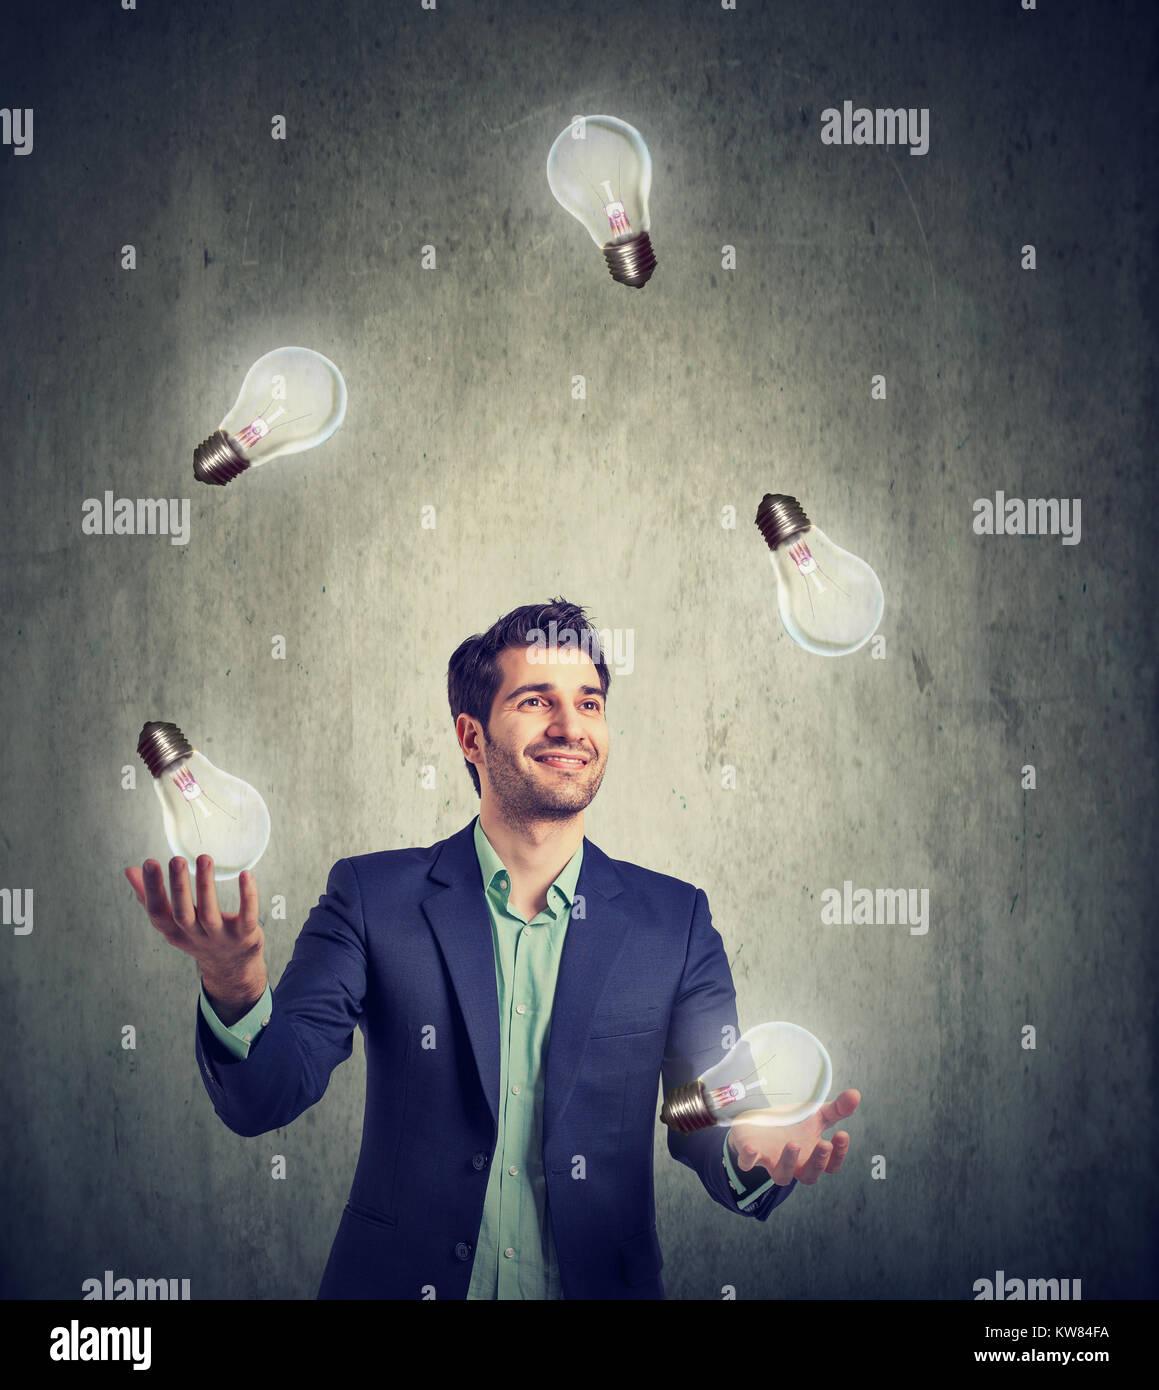 Imprenditore giocoleria con la masterizzazione di lampadine luce avente un sacco di grandi idee. Immagini Stock